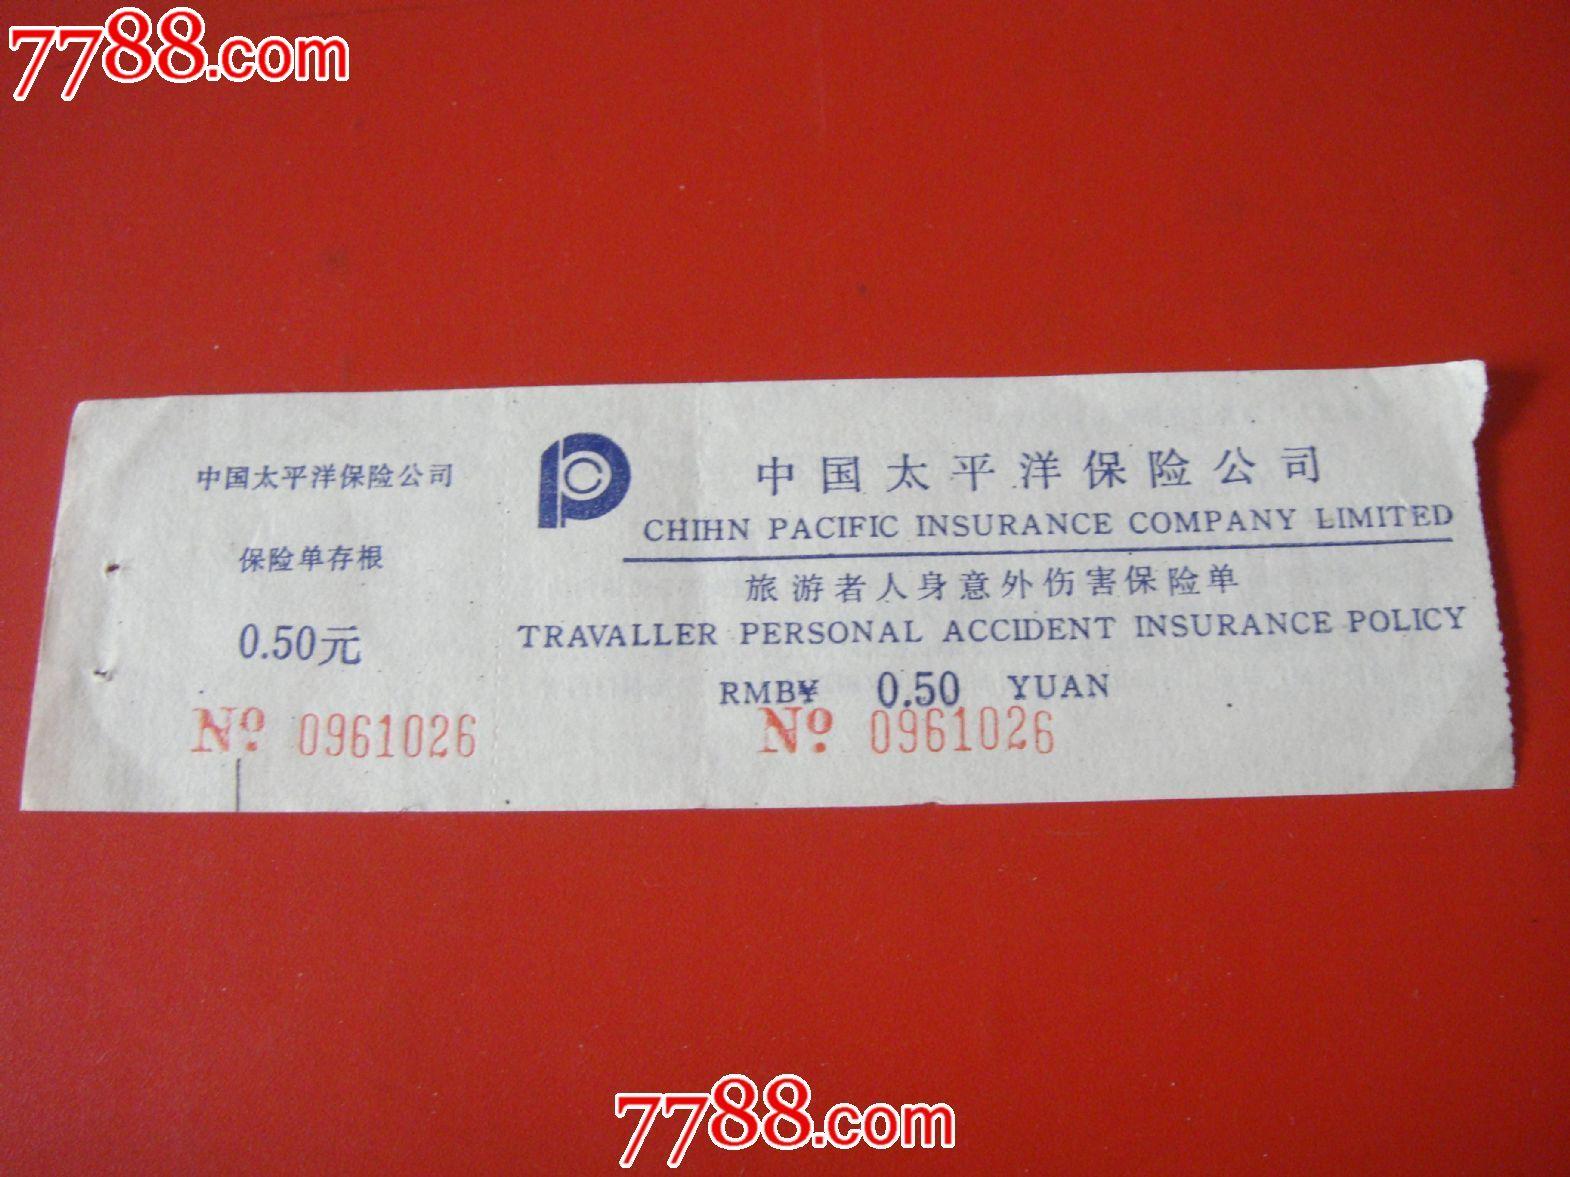 早年,中国太平洋保险公司【旅游者人身意外伤害保险单